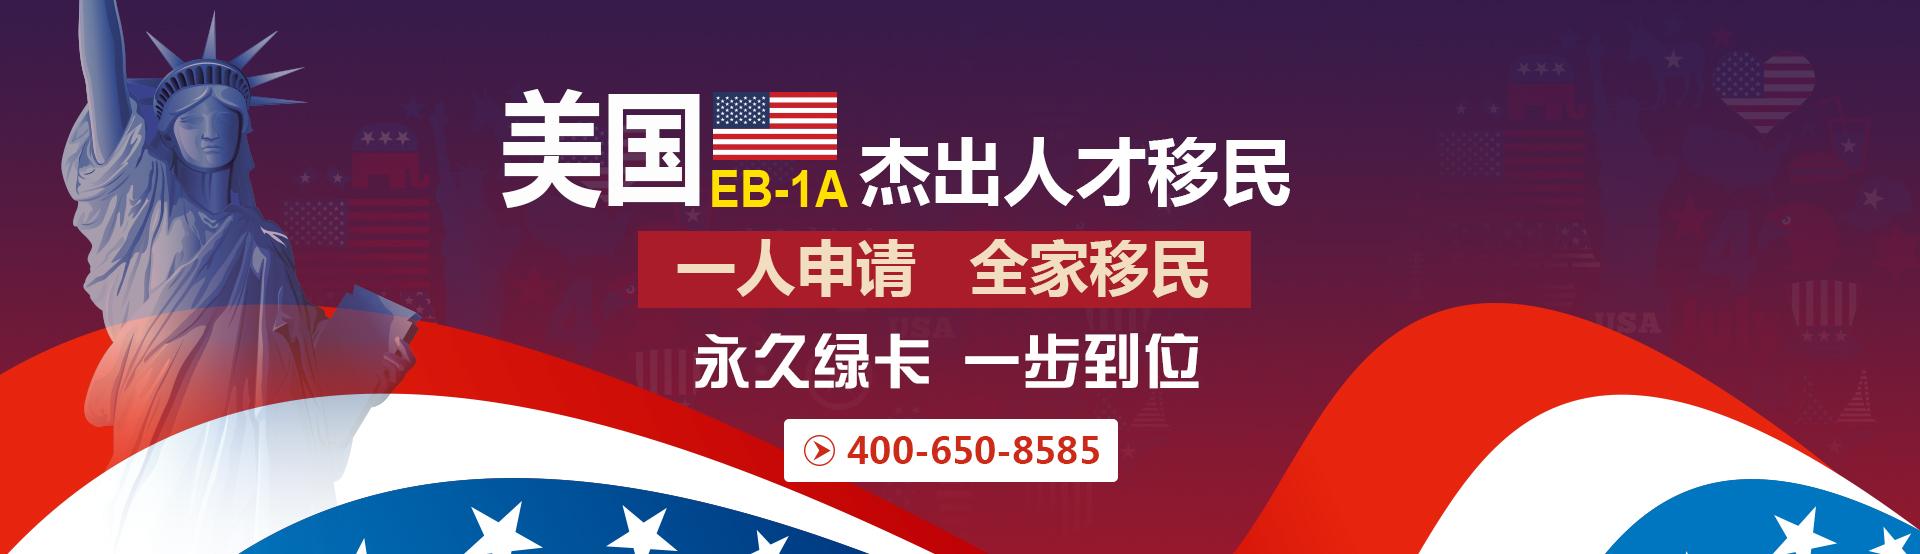 美国EB-1A